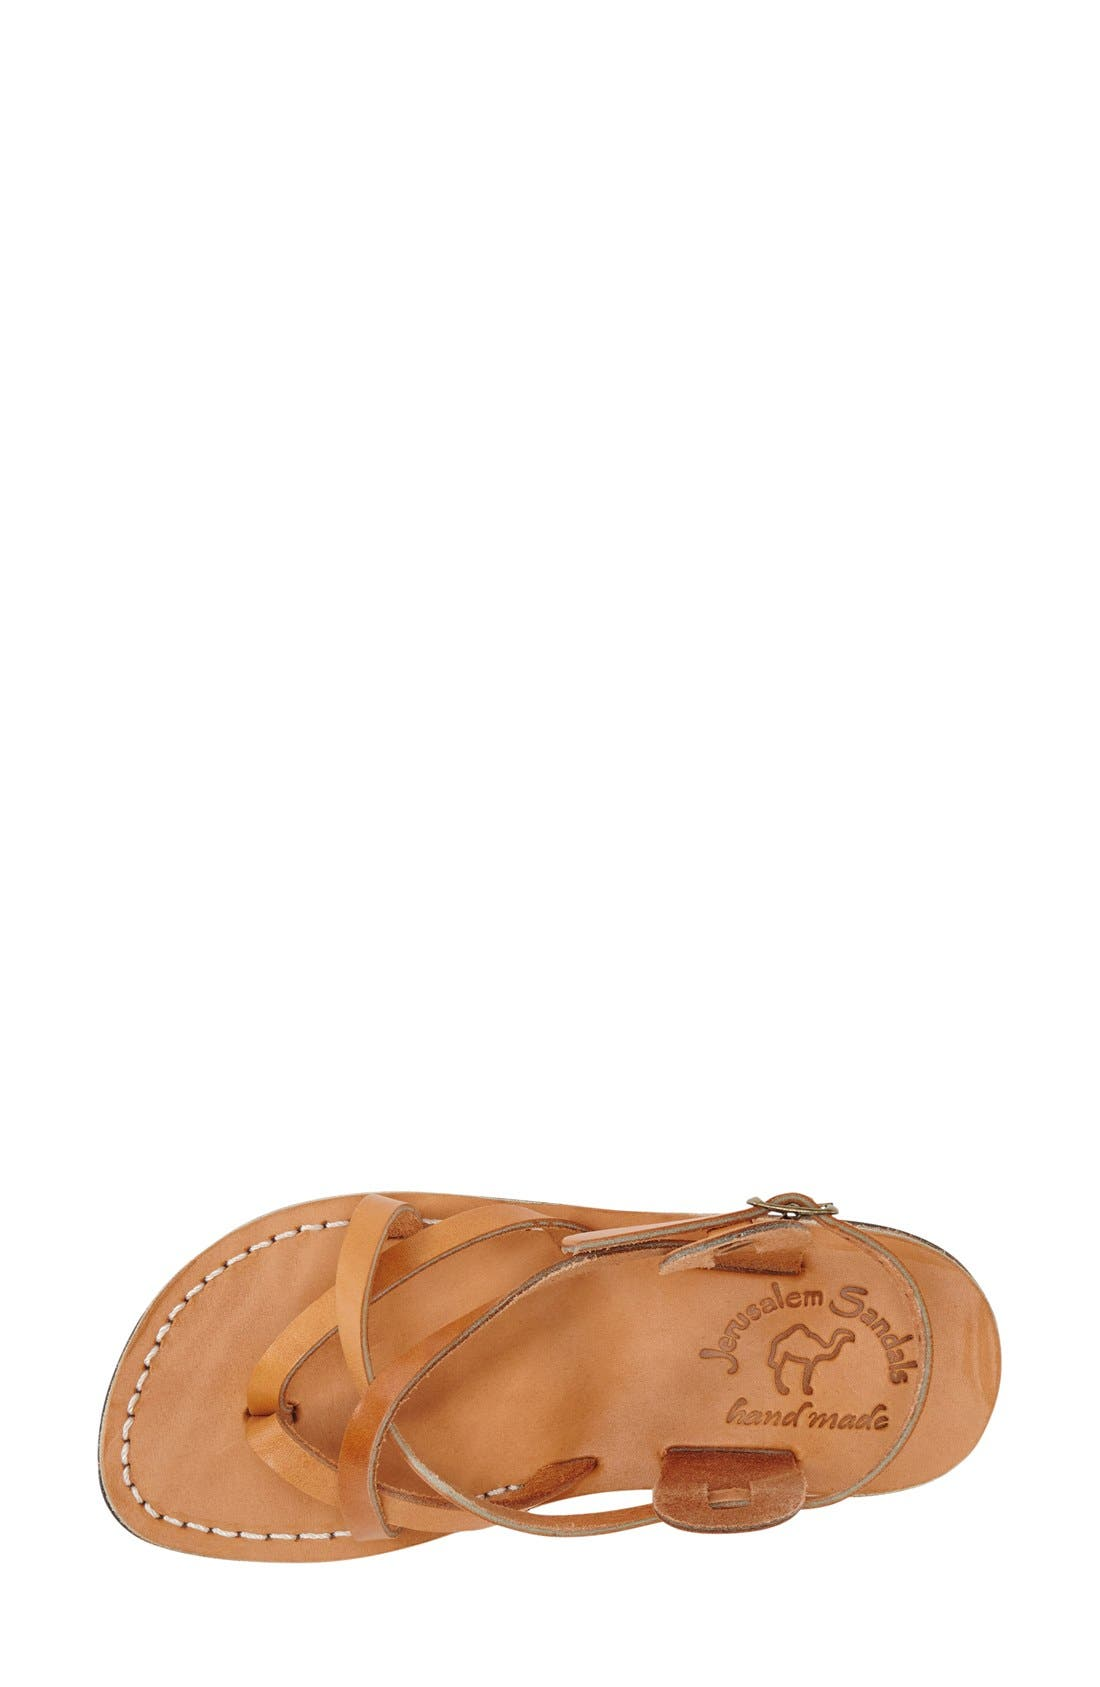 Alternate Image 3  - Jerusalem Sandals 'Tamar' Strappy Sandal (Women)